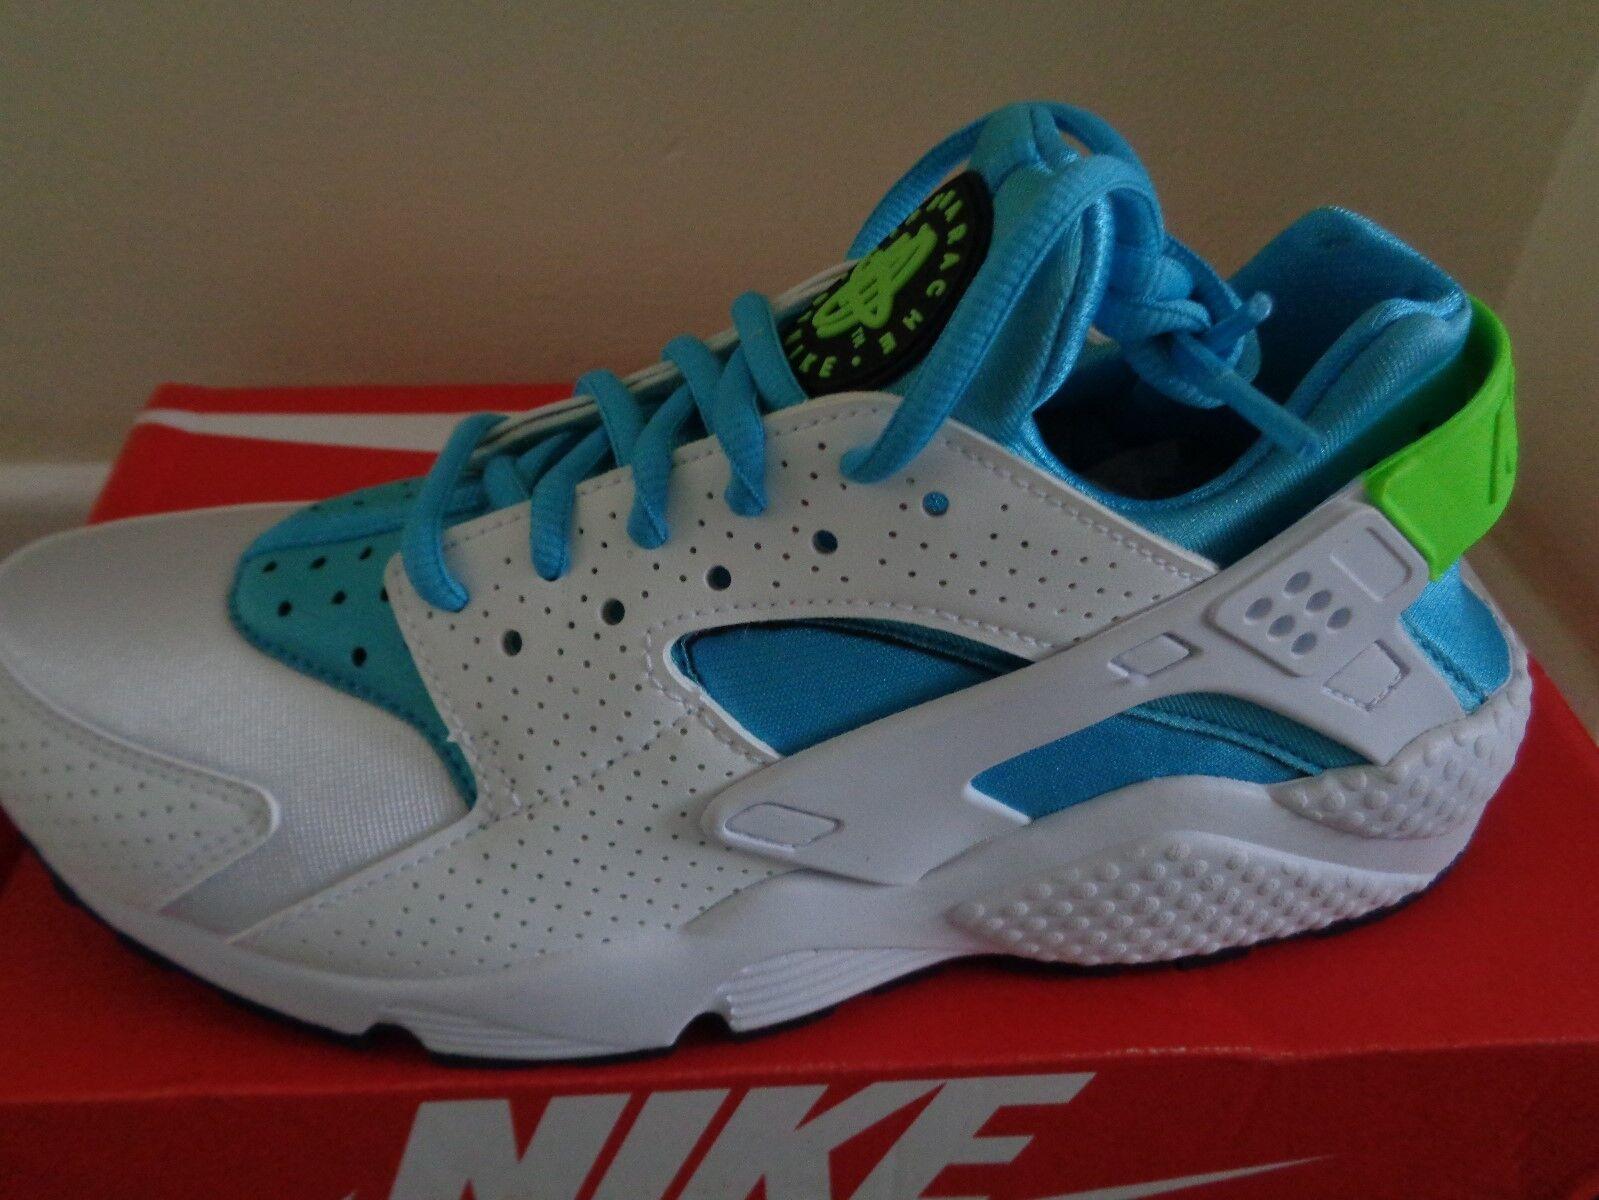 Nike Air Huarache Run Zapatillas para mujer 634835 109 nos 7.5 Nuevo En Caja